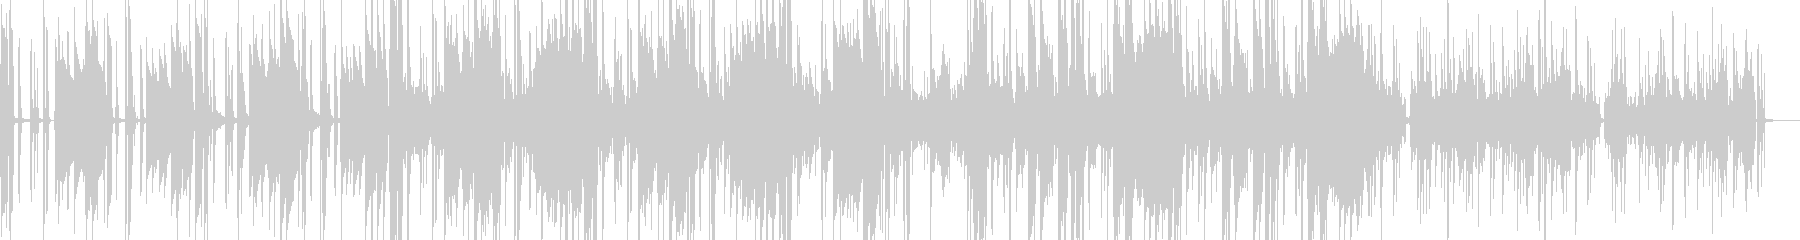 メロウな雰囲気のスローファンクの未再生の波形